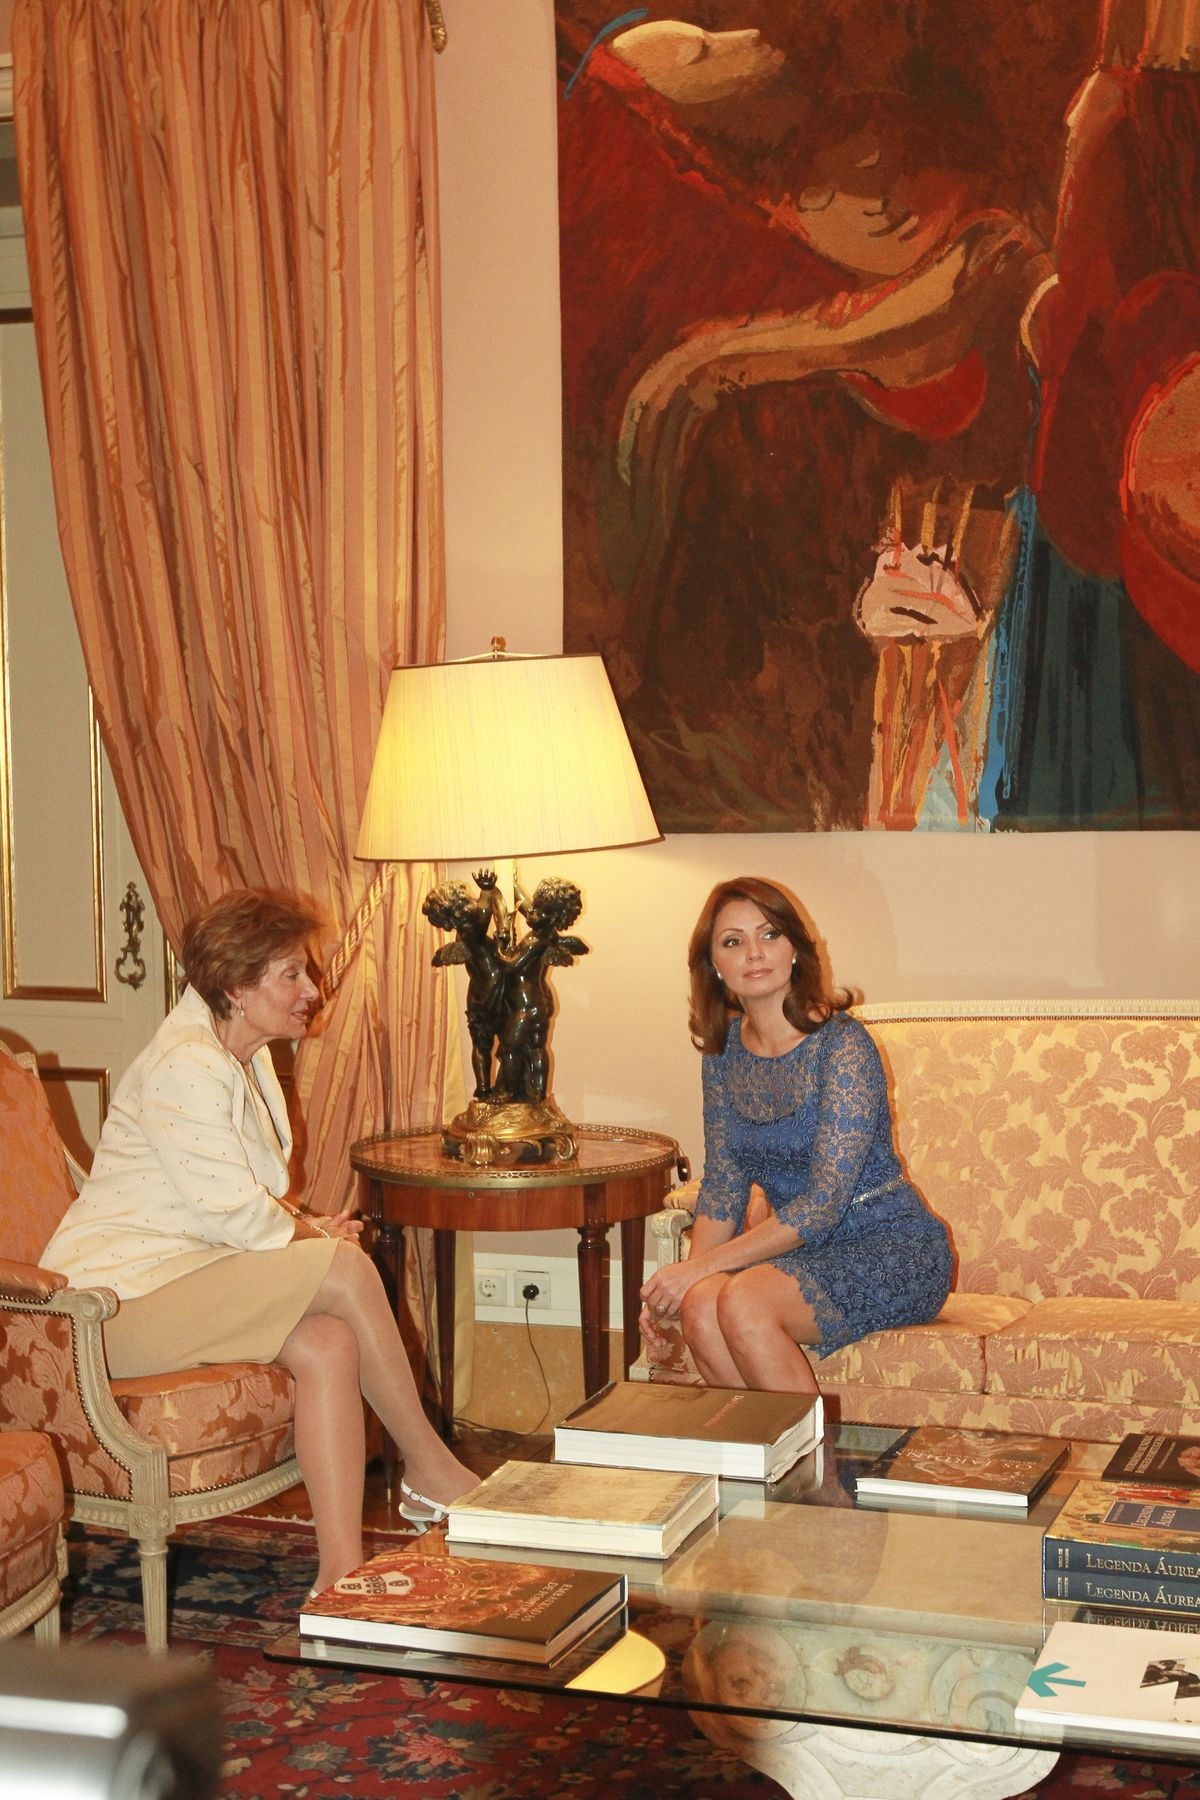 Angelica Rivera Desnuda pin on angelica rivera desnuda